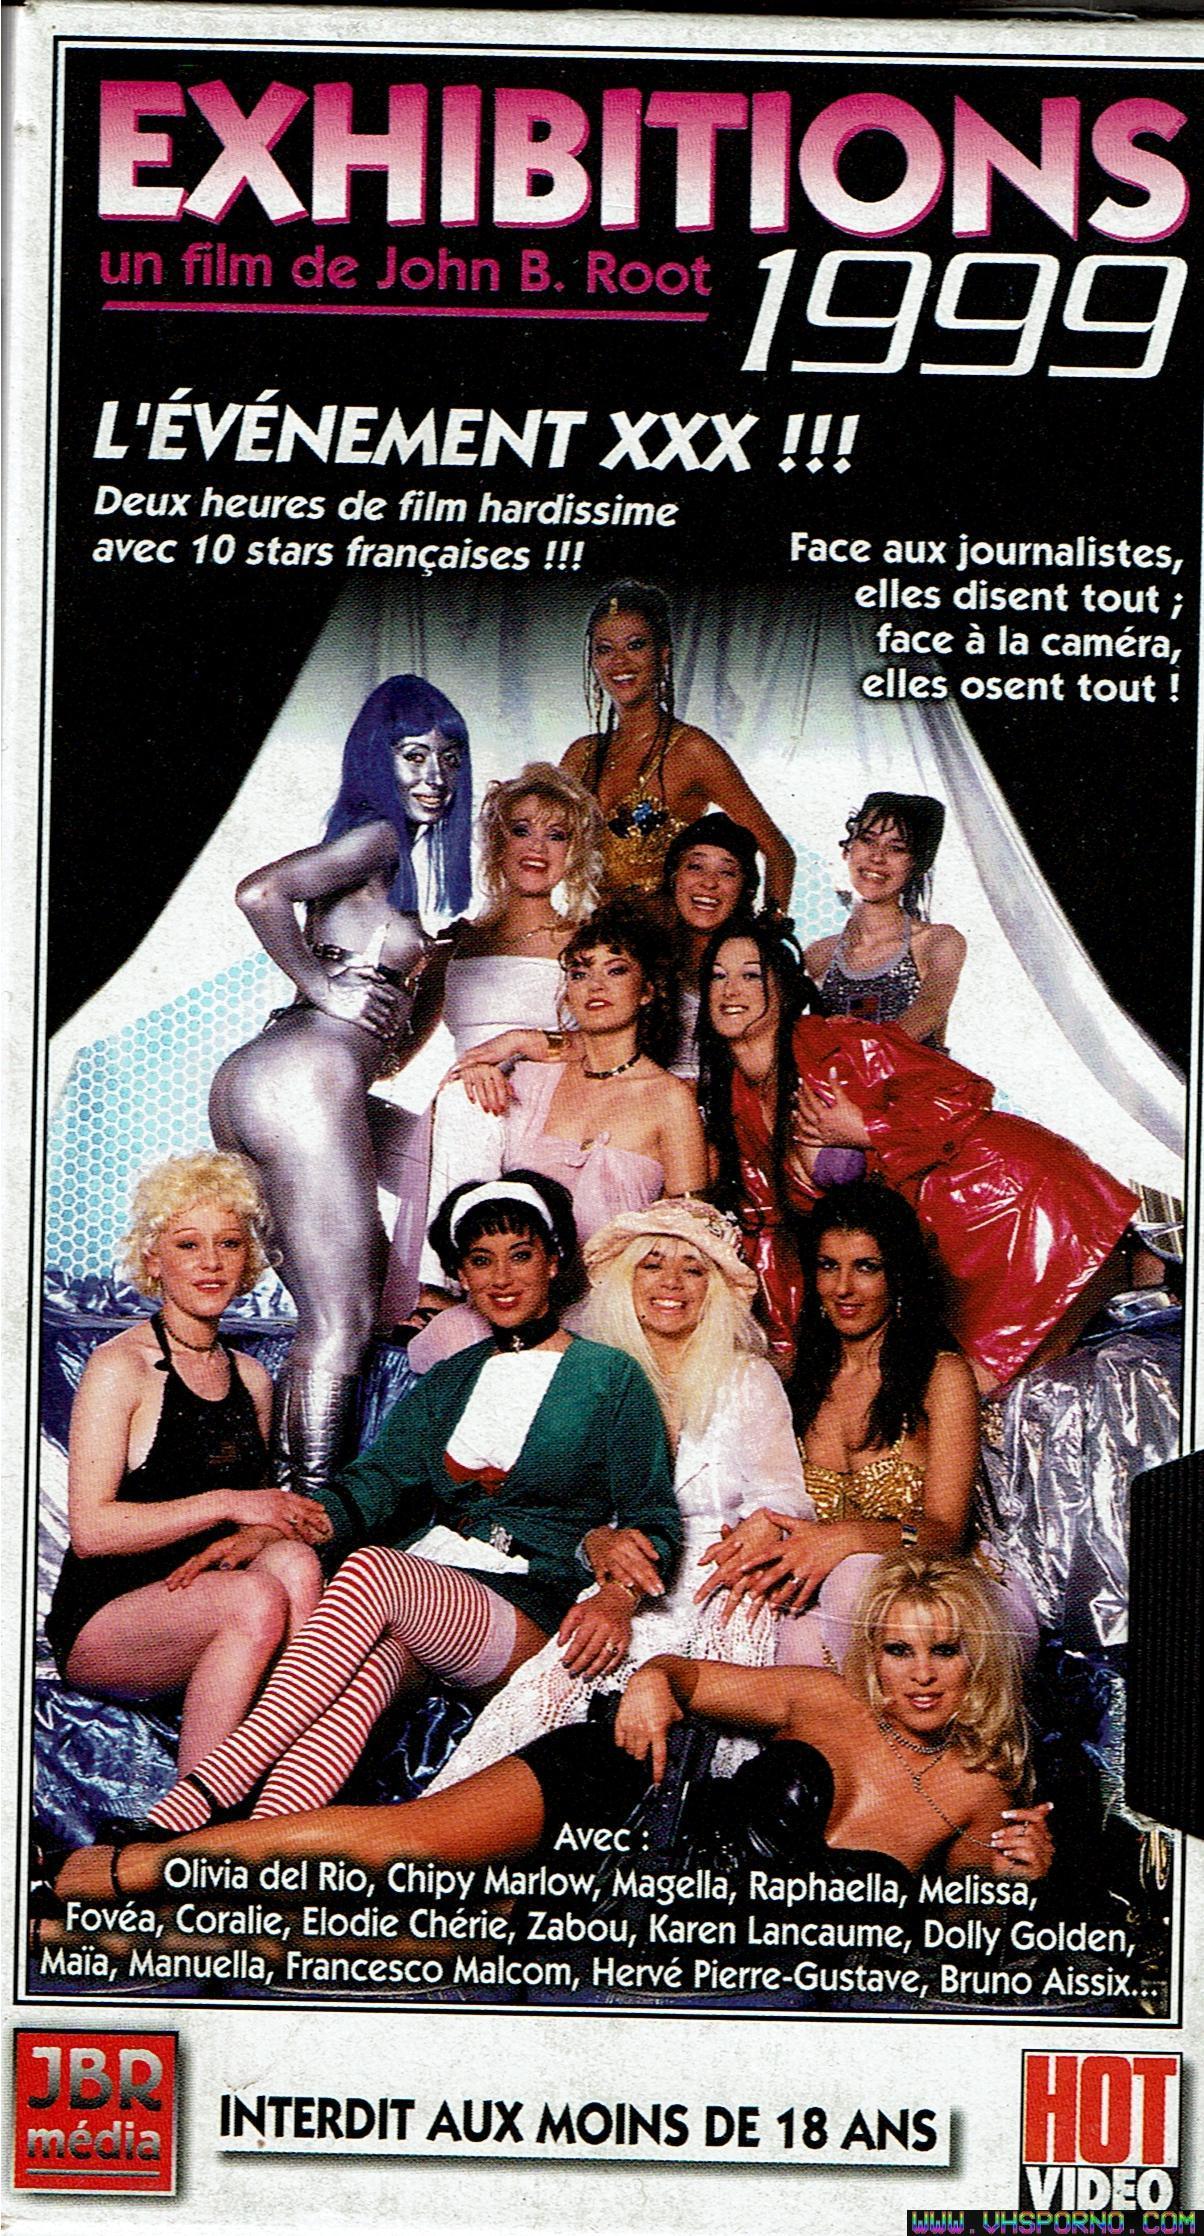 Pochette de Exhibitions 1999 Un film porno de John B Root • VHS Porno